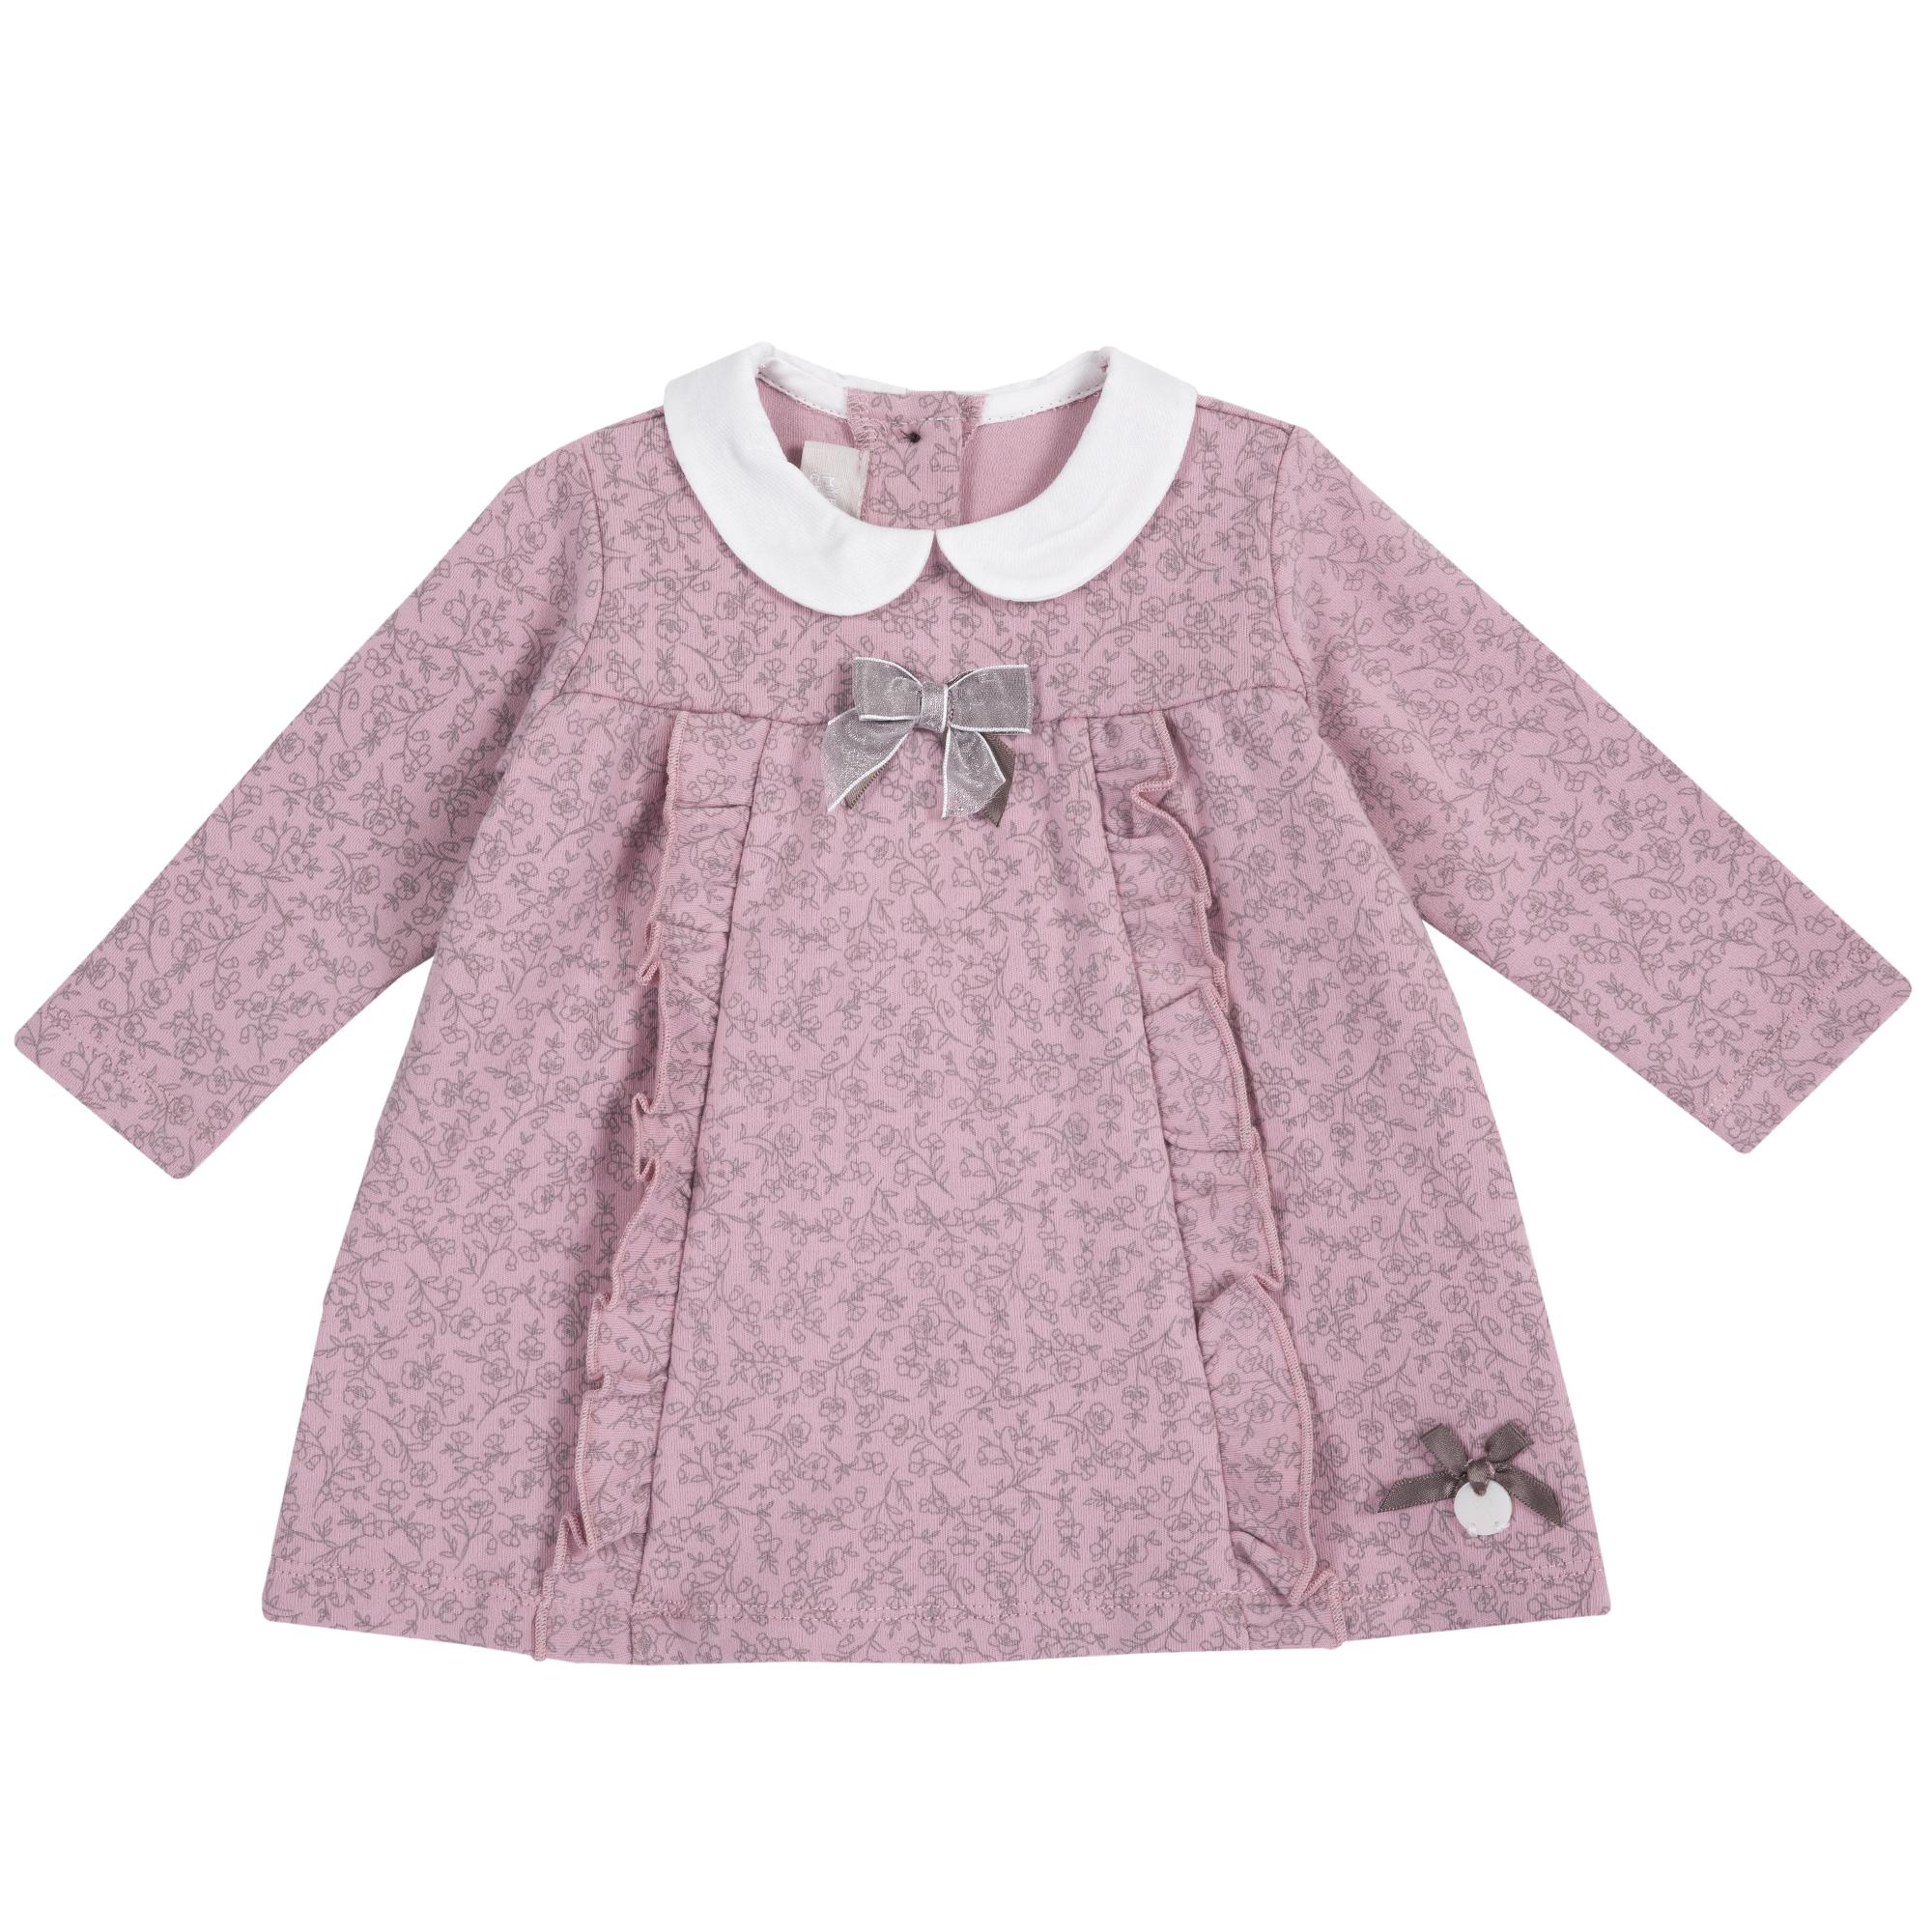 Rochie copii Chicco, jerse, corai, 03516